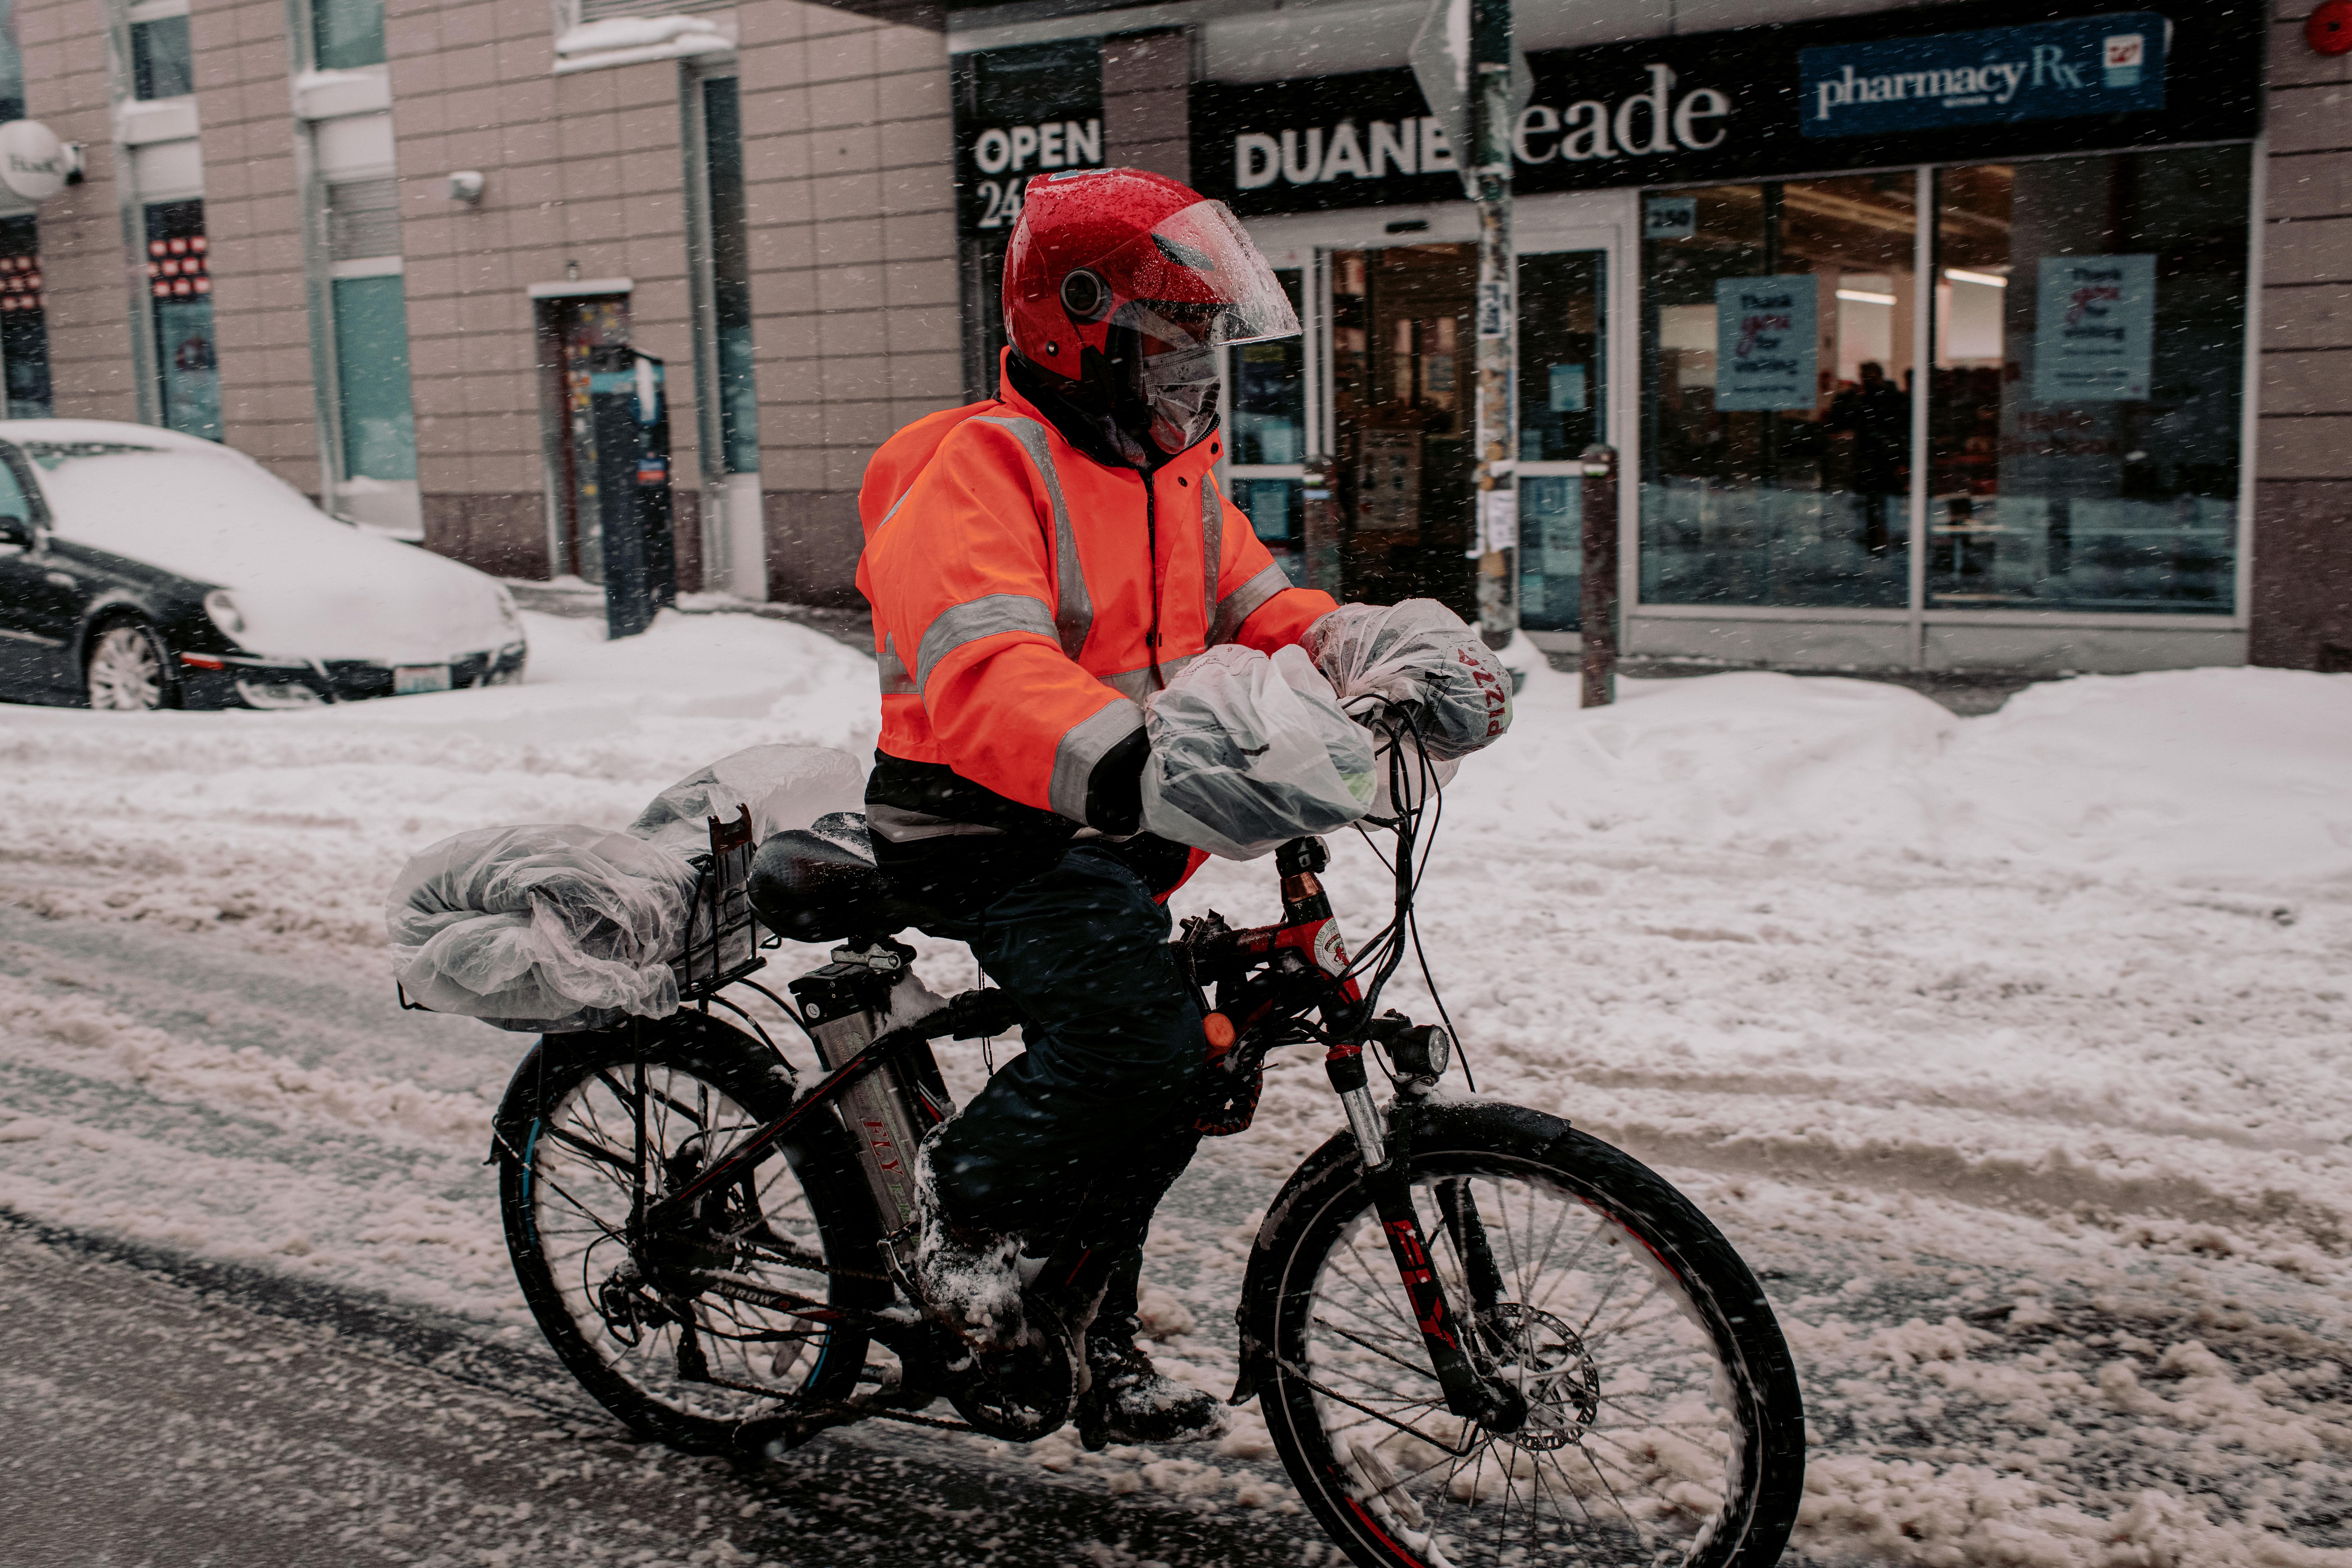 Un repartidor circula con su bicicleta por una calle llena de nieve en Brooklyn (Scott Heins/Getty Images/AFP)